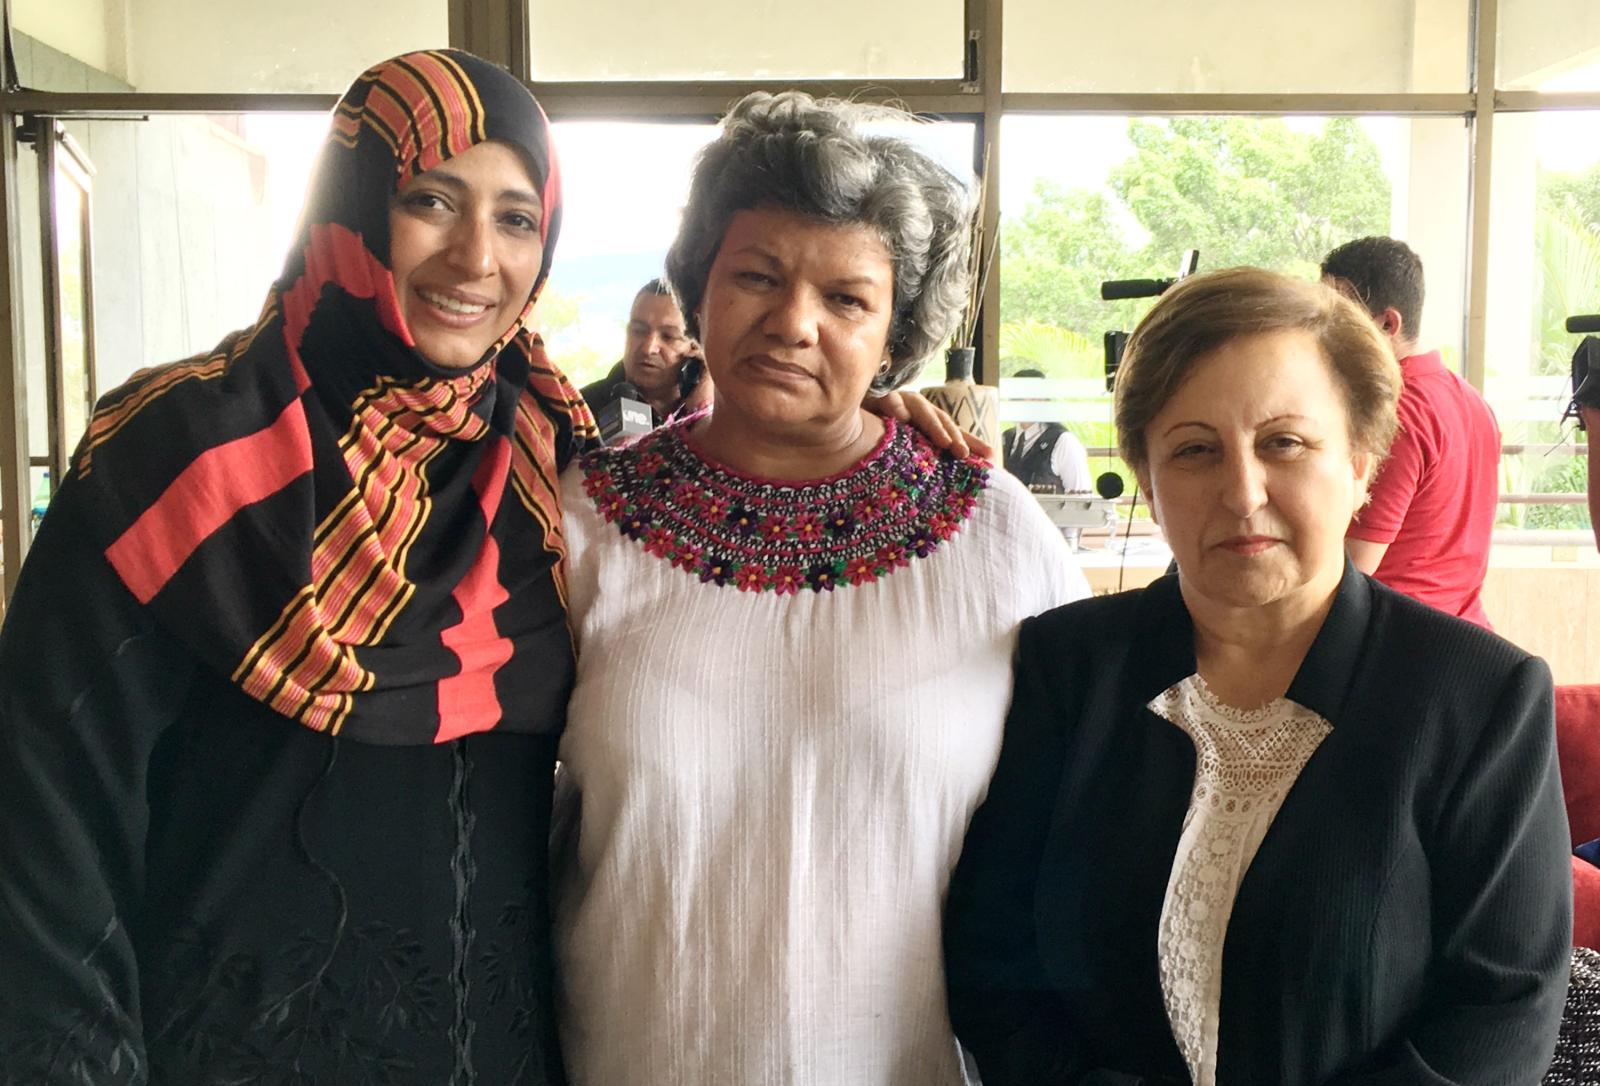 Sandra Maribel Sanchez, Radio Progreso, Honduras, Tegucigalpa, Shirin Ebadi, Tawakkol Karman, Nobel Peace Prize, Yemen, Iran